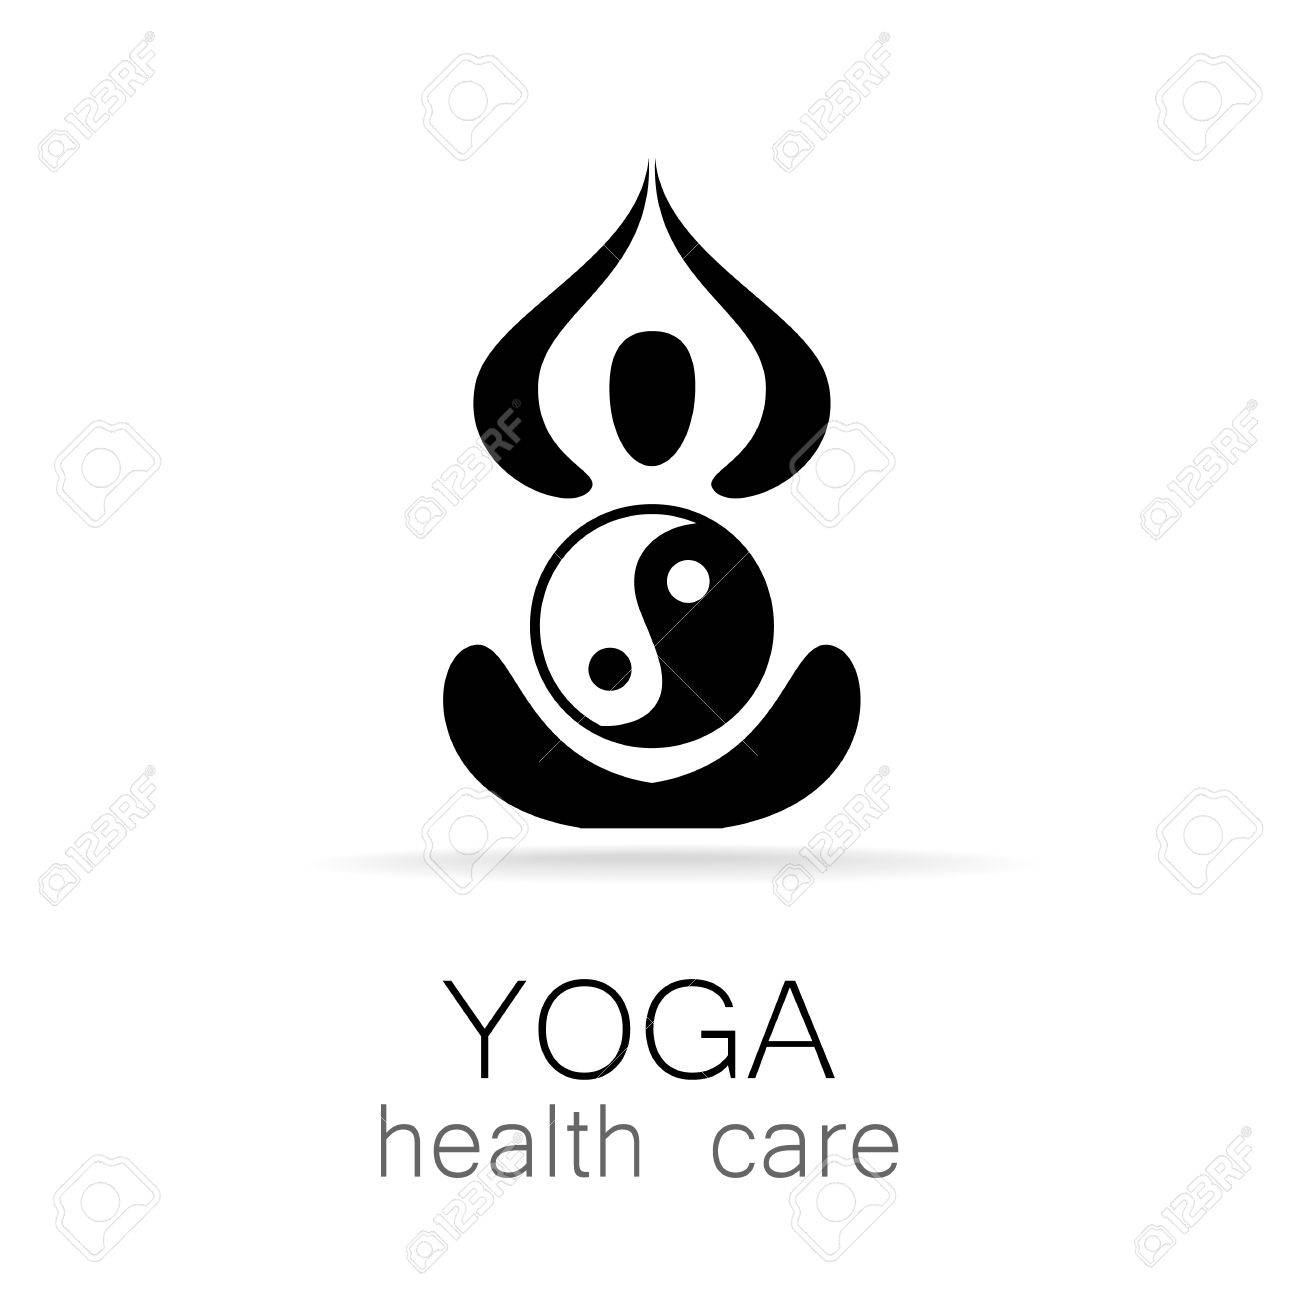 Logotipo De Yoga Plantilla De Diseño Vectorial. Concepto De La Yoga ...